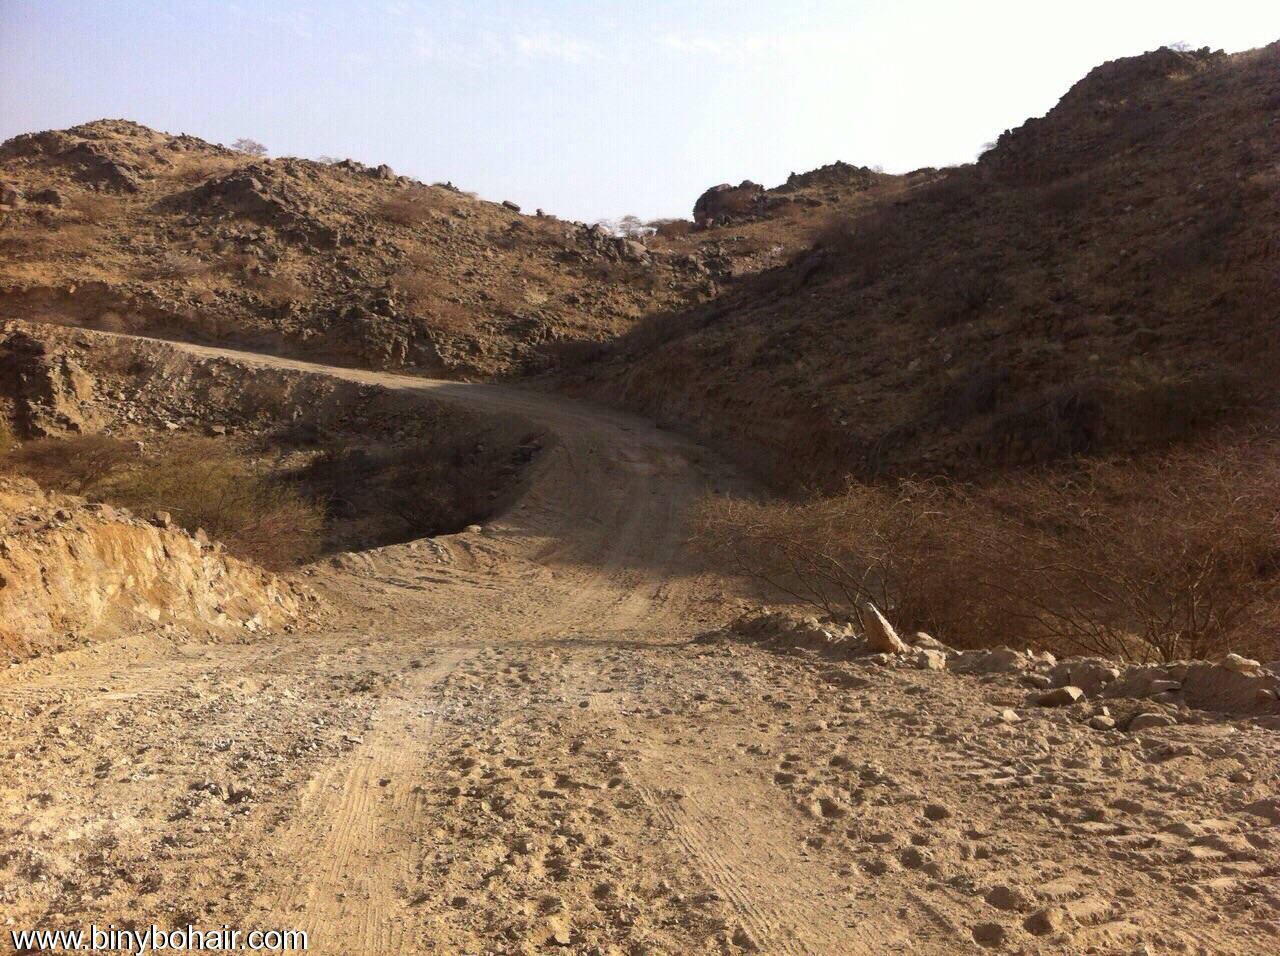 شاهد افتتاح وربط قرية المسلمة edh23061.jpg